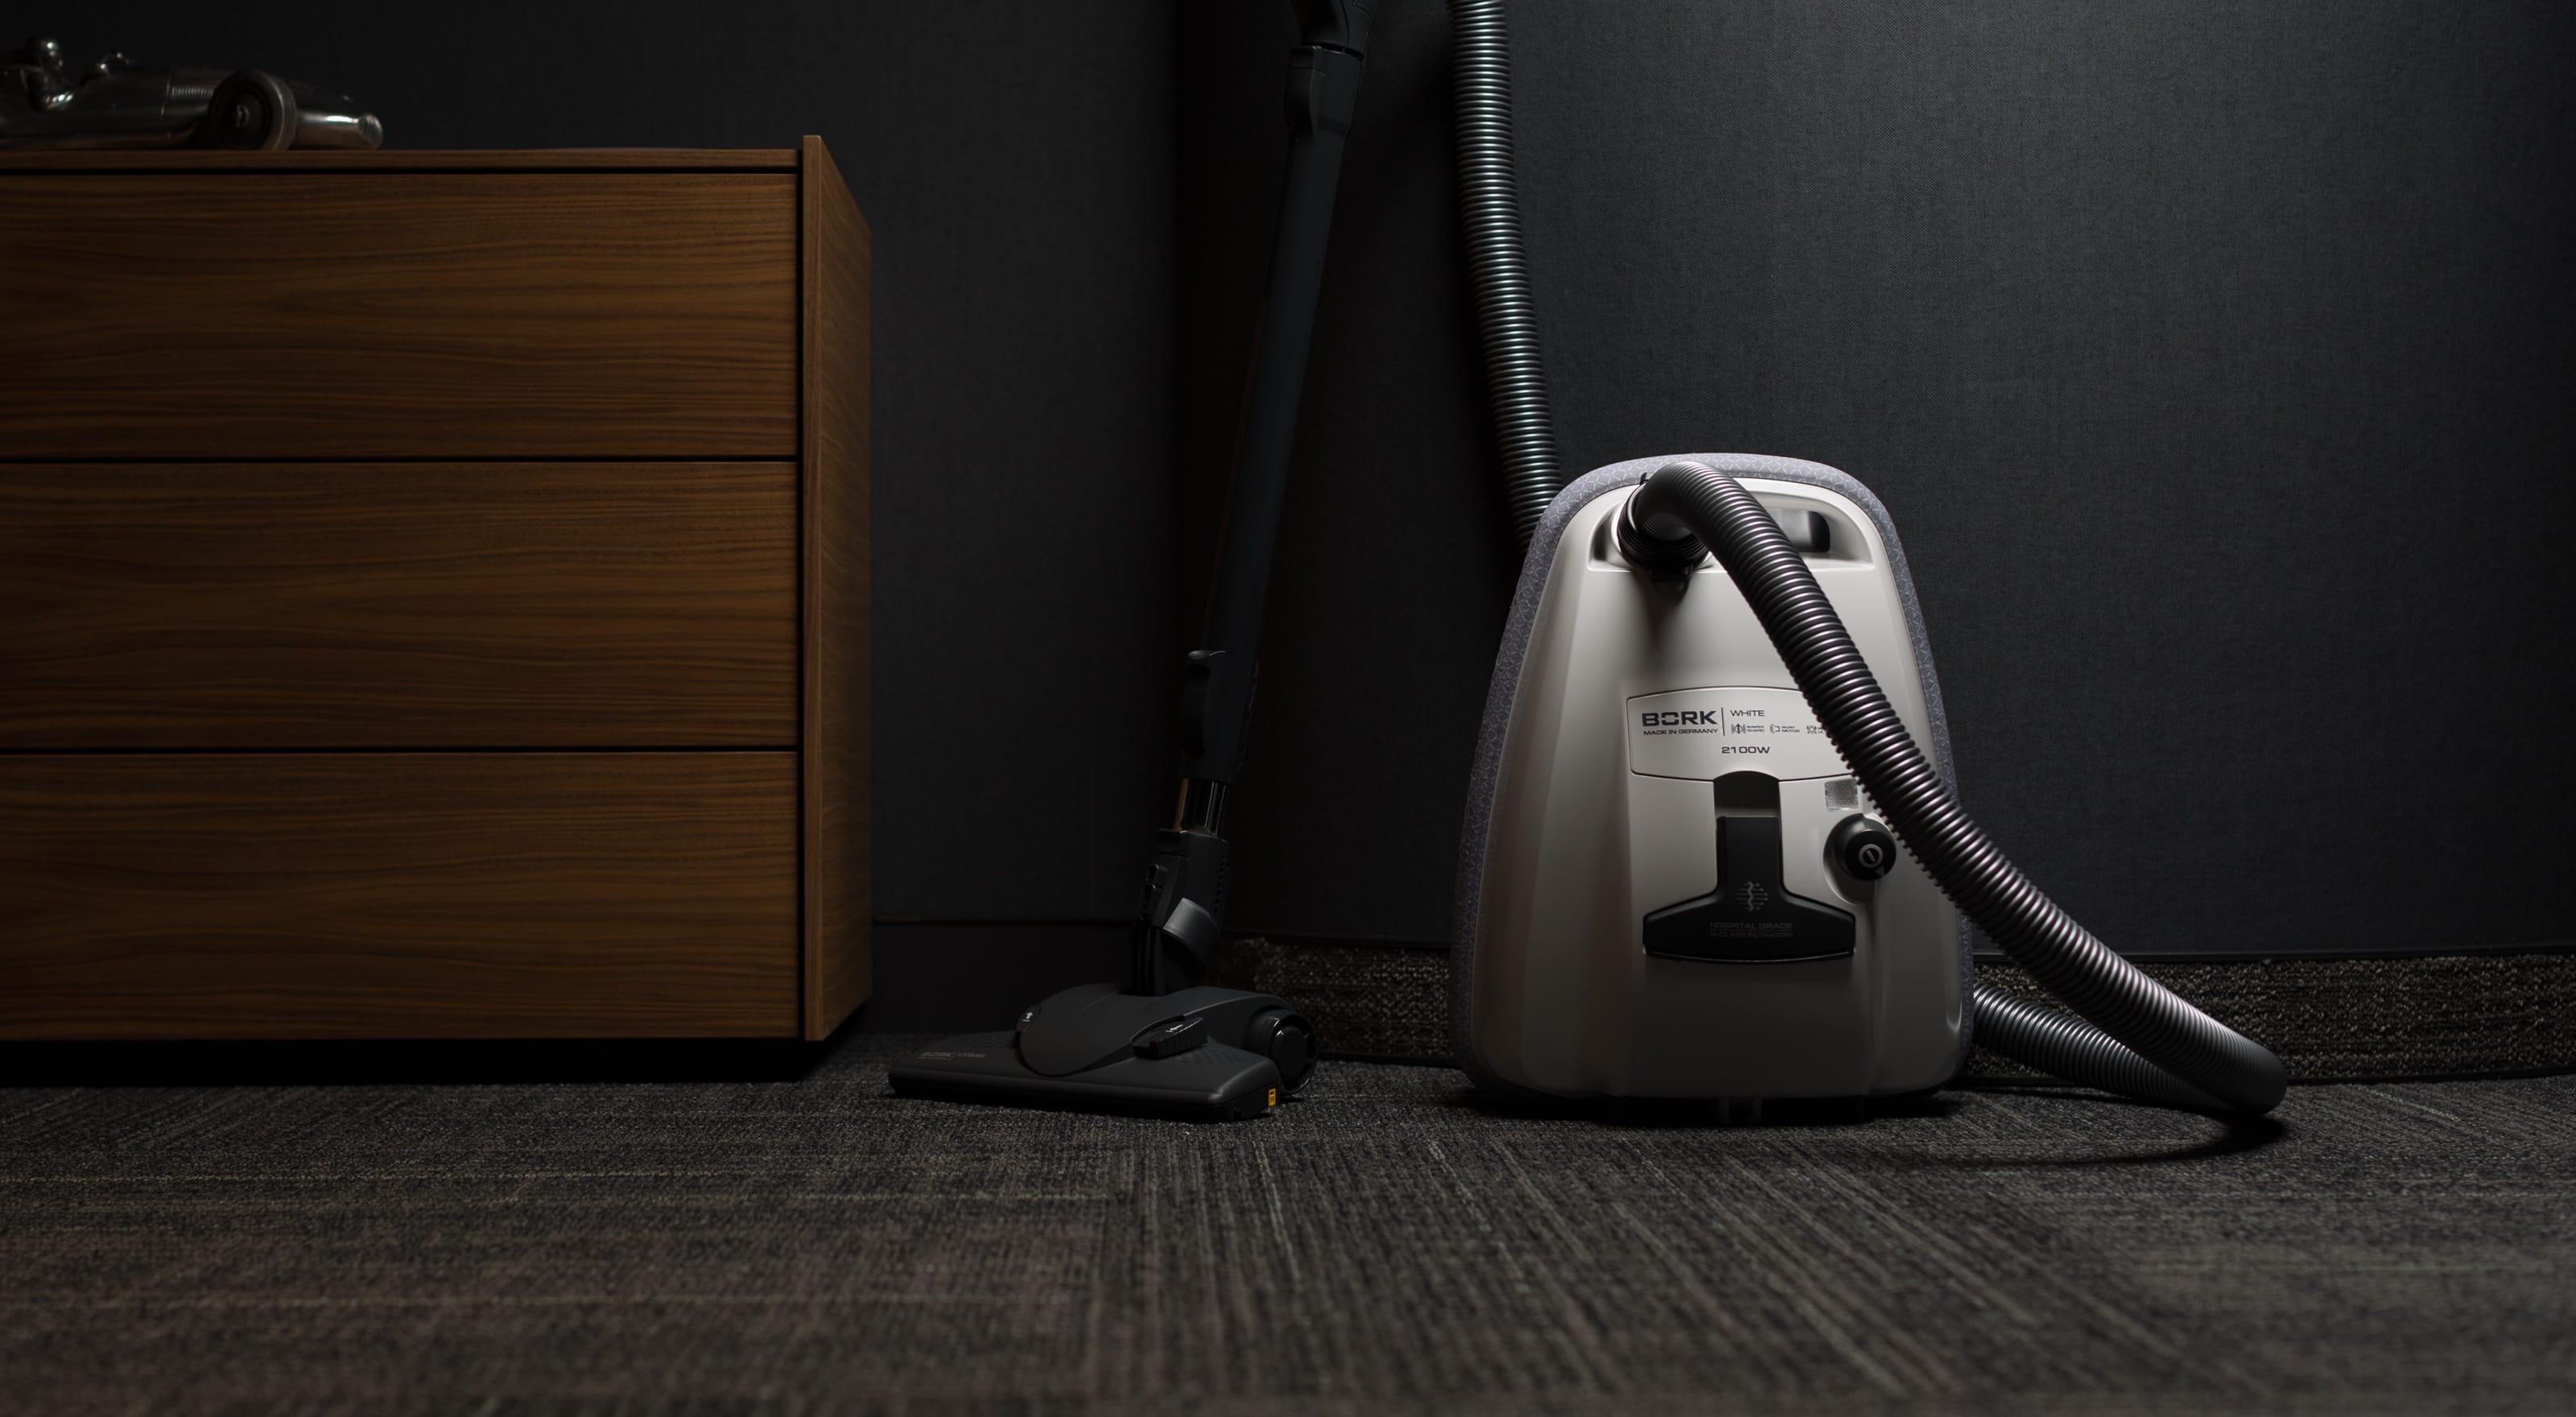 Топ-5 недорогих, но хороших роботов-пылесосов (бюджетный сегмент)